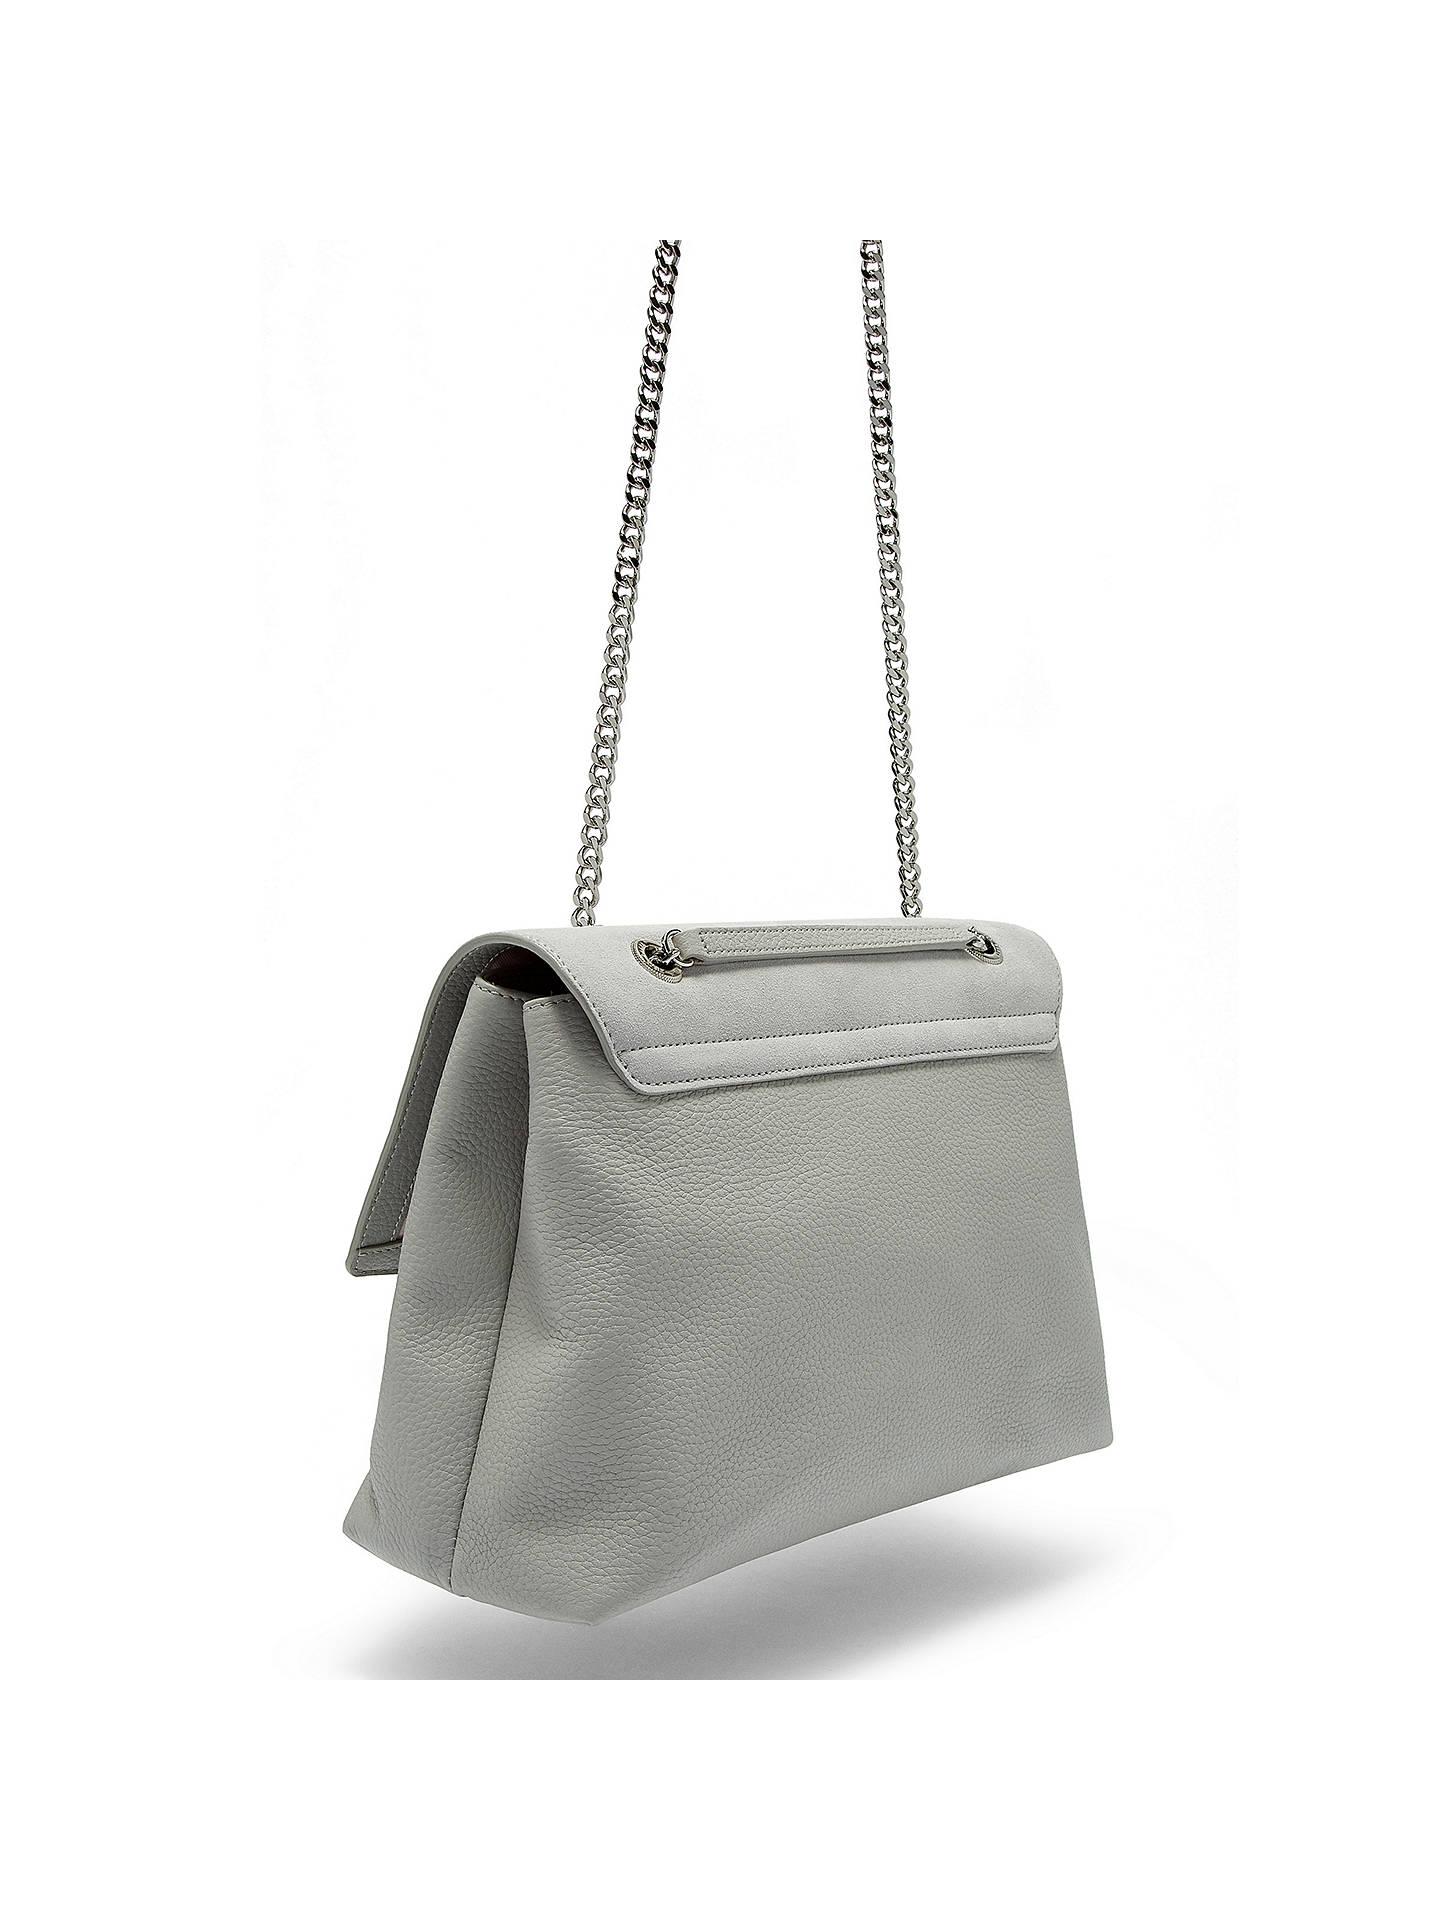 8532529b831 ... Buy Ted Baker Sophina Suede Circle Shoulder Bag, Grey Online at  johnlewis.com ...